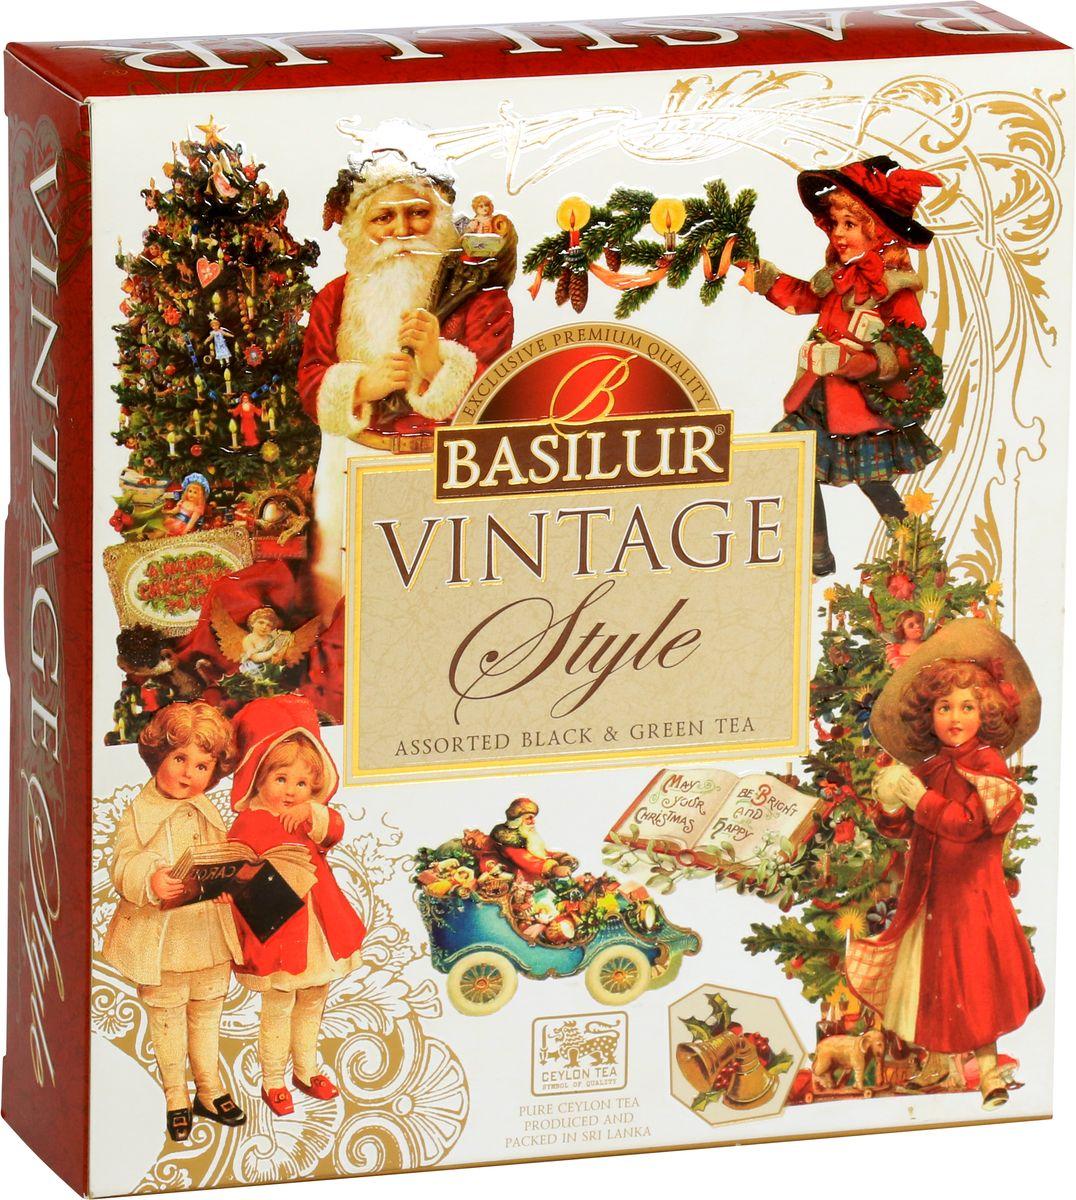 Basilur Vintage Assorted подарочный набор, 40 шт подарочный набор чаем и медом